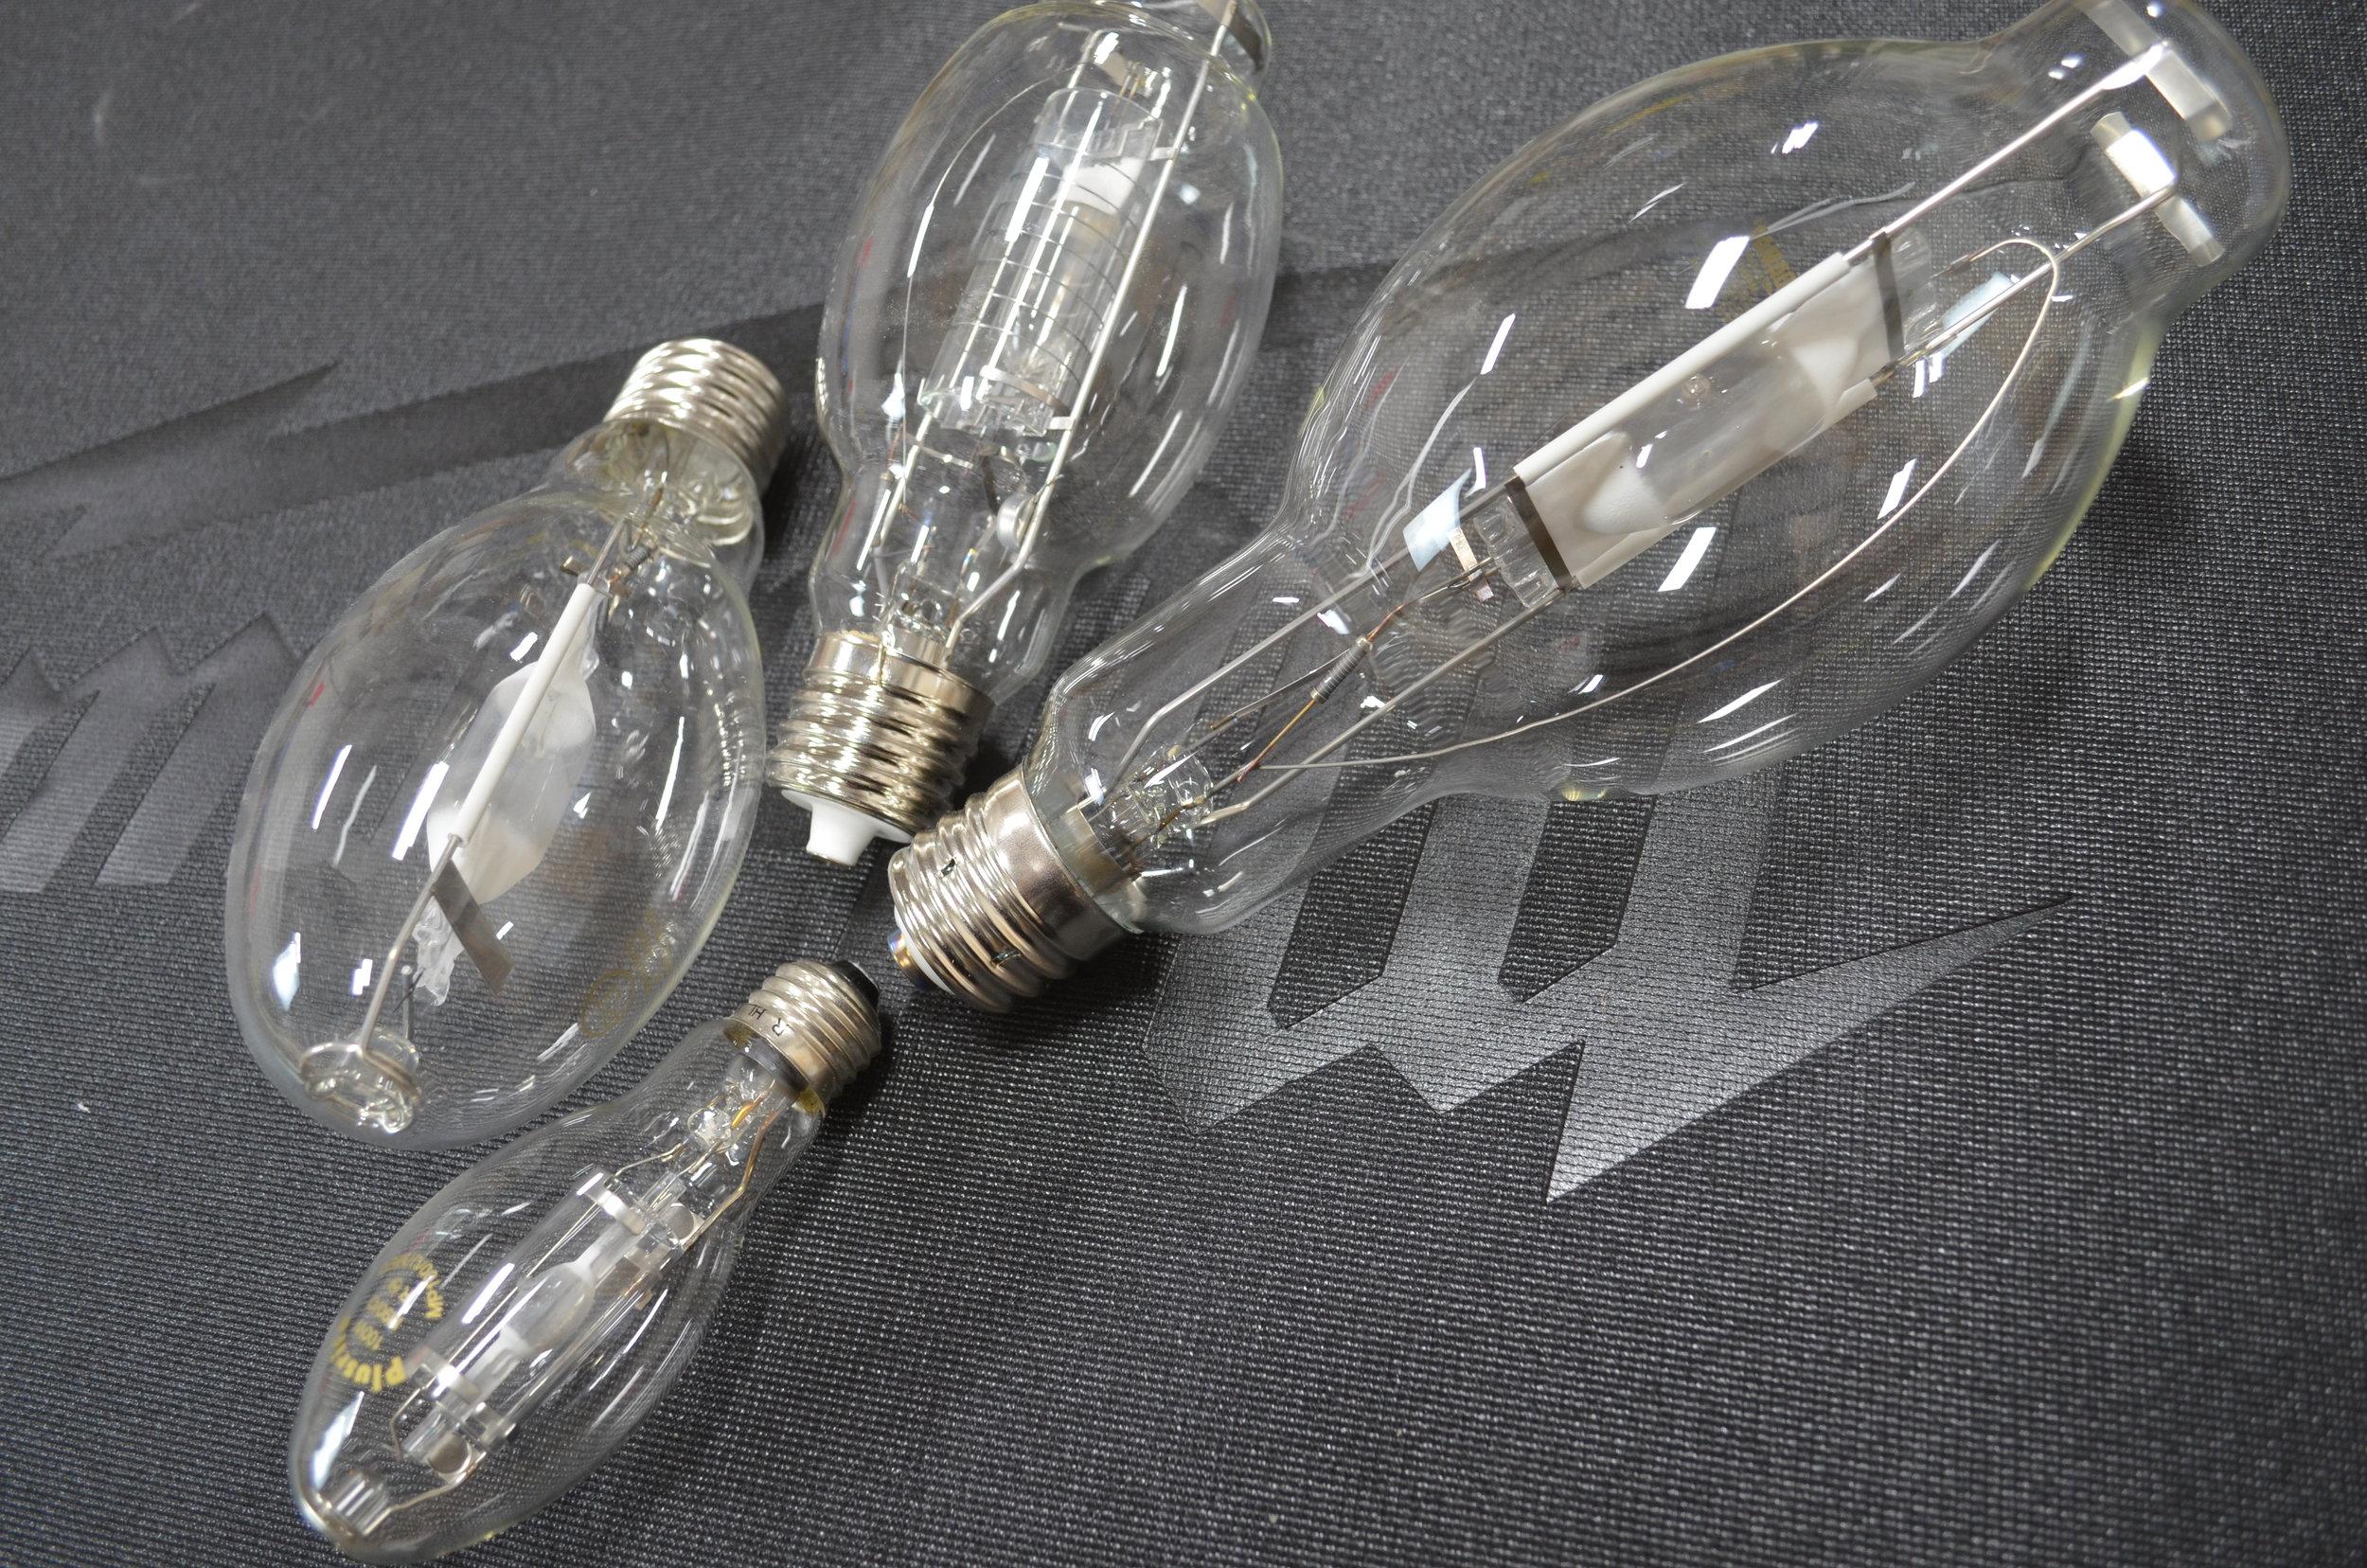 hid-metal-halide-mh-m47-lamps-bulbs